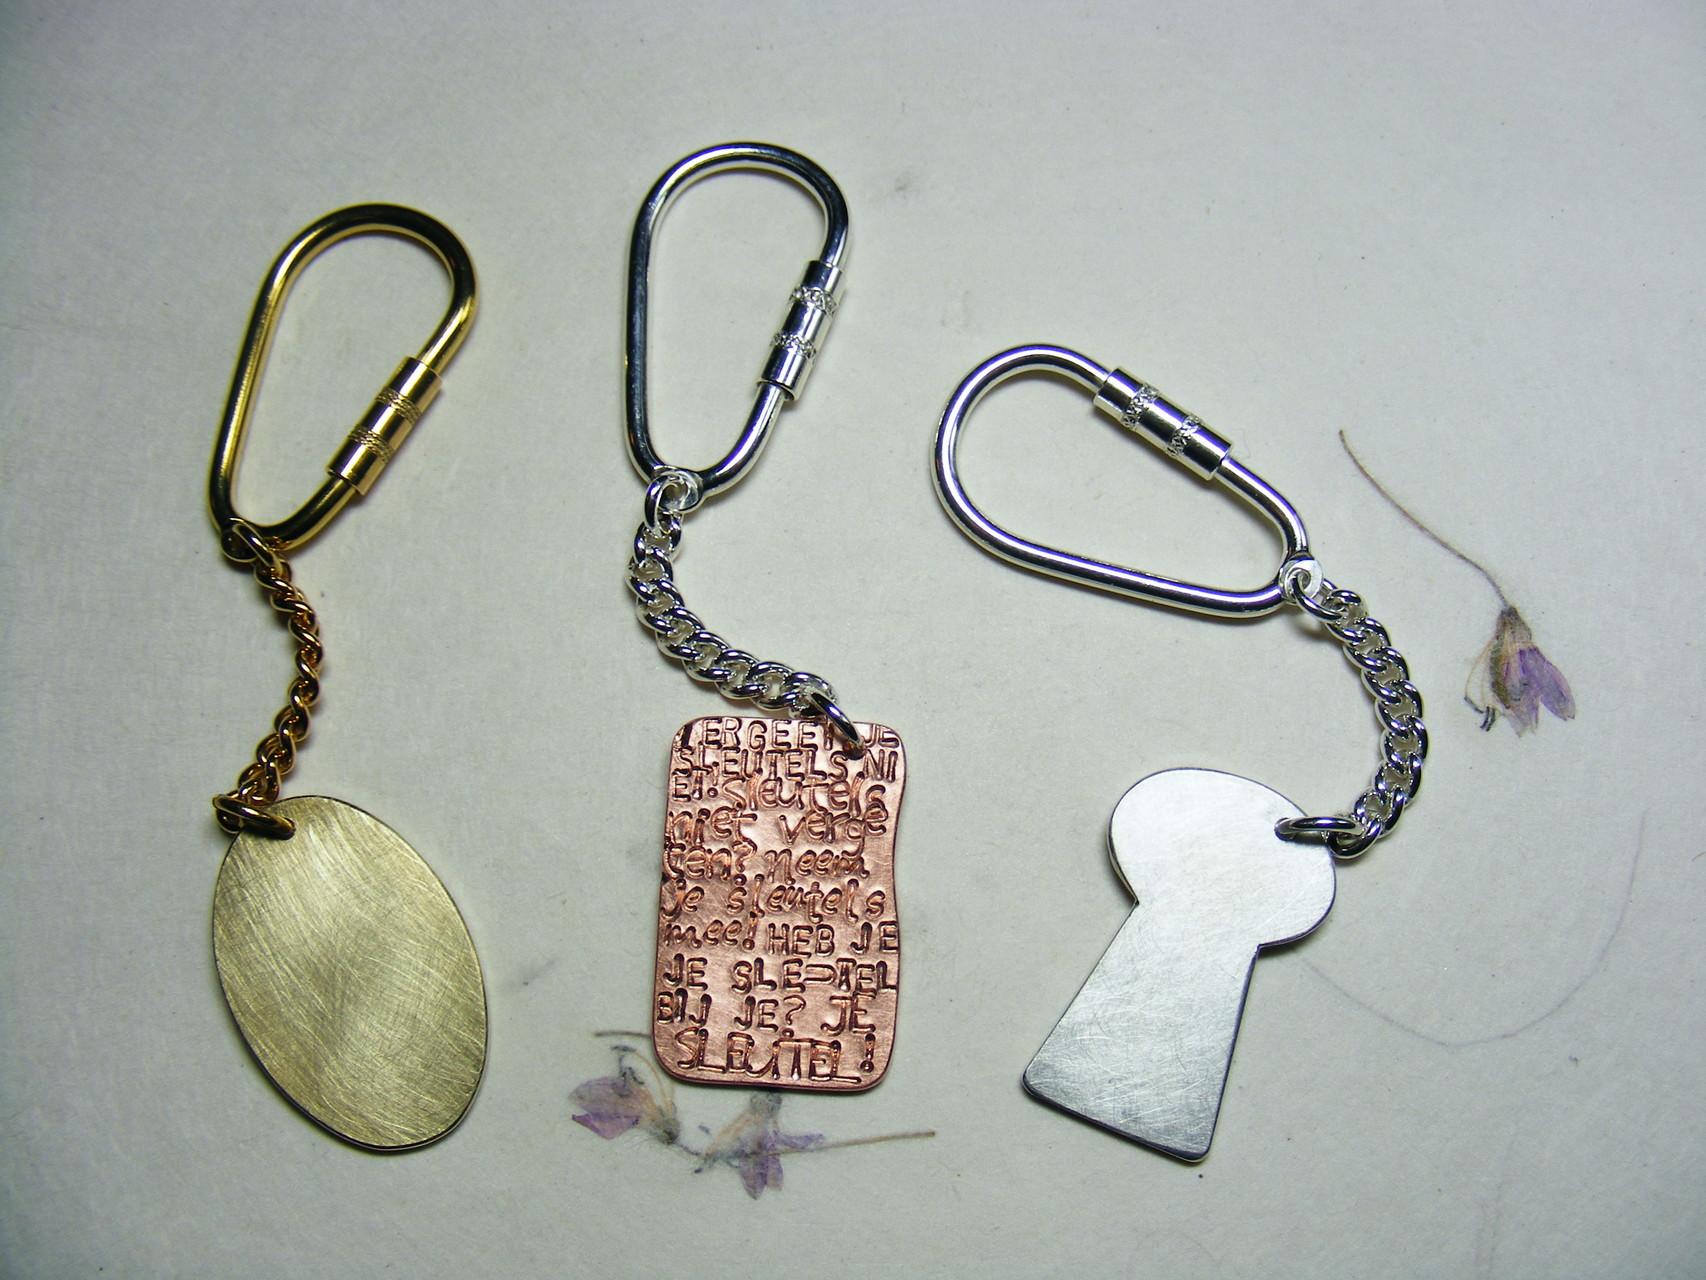 Sleutelhanger in vorm en met tekst naar keuze. Messing €15, zilver/koper €25, zilver €40.